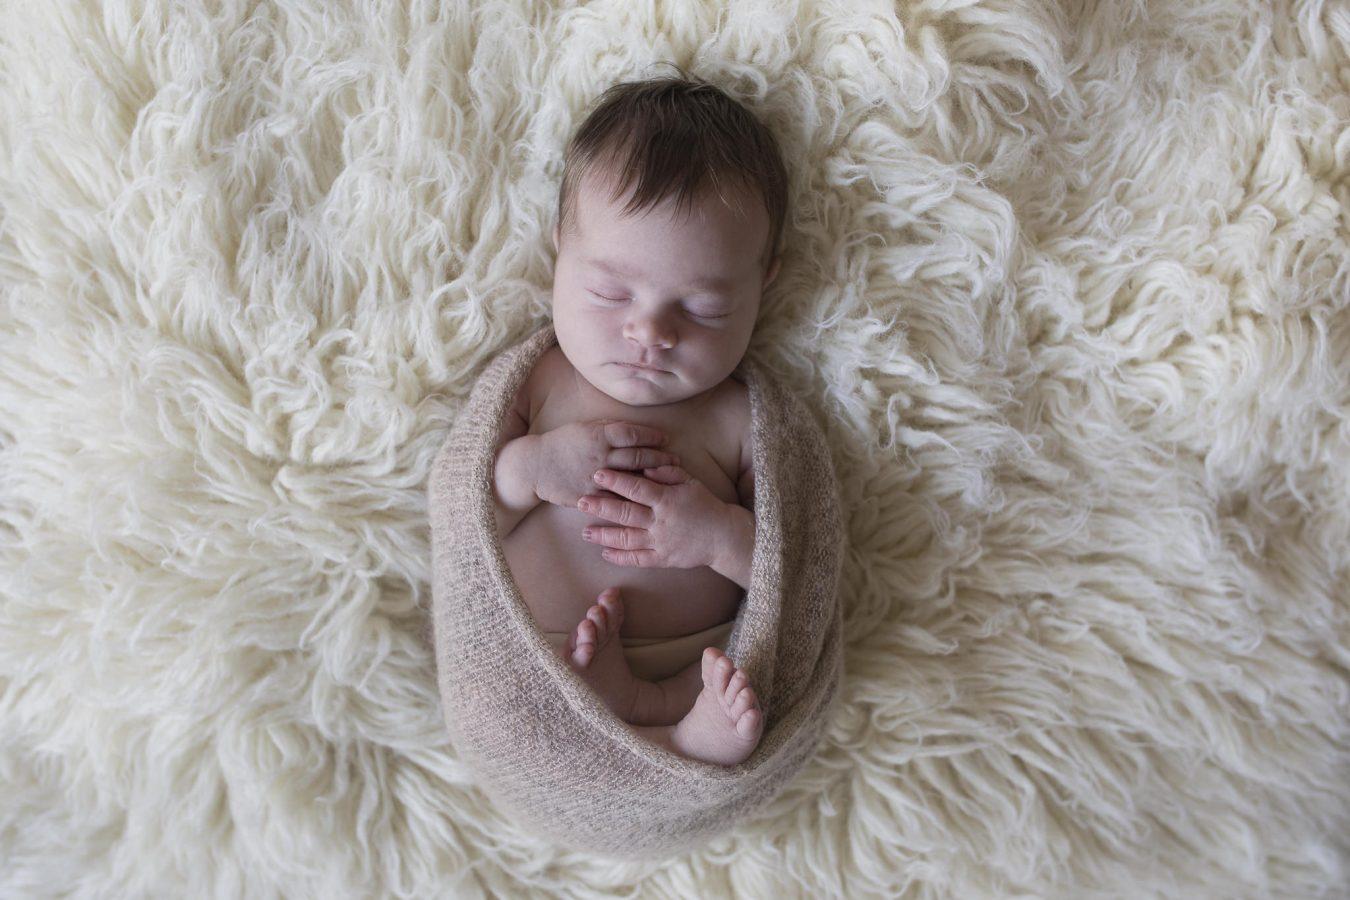 die kleine Emma verschläft das Babyfotoshooting